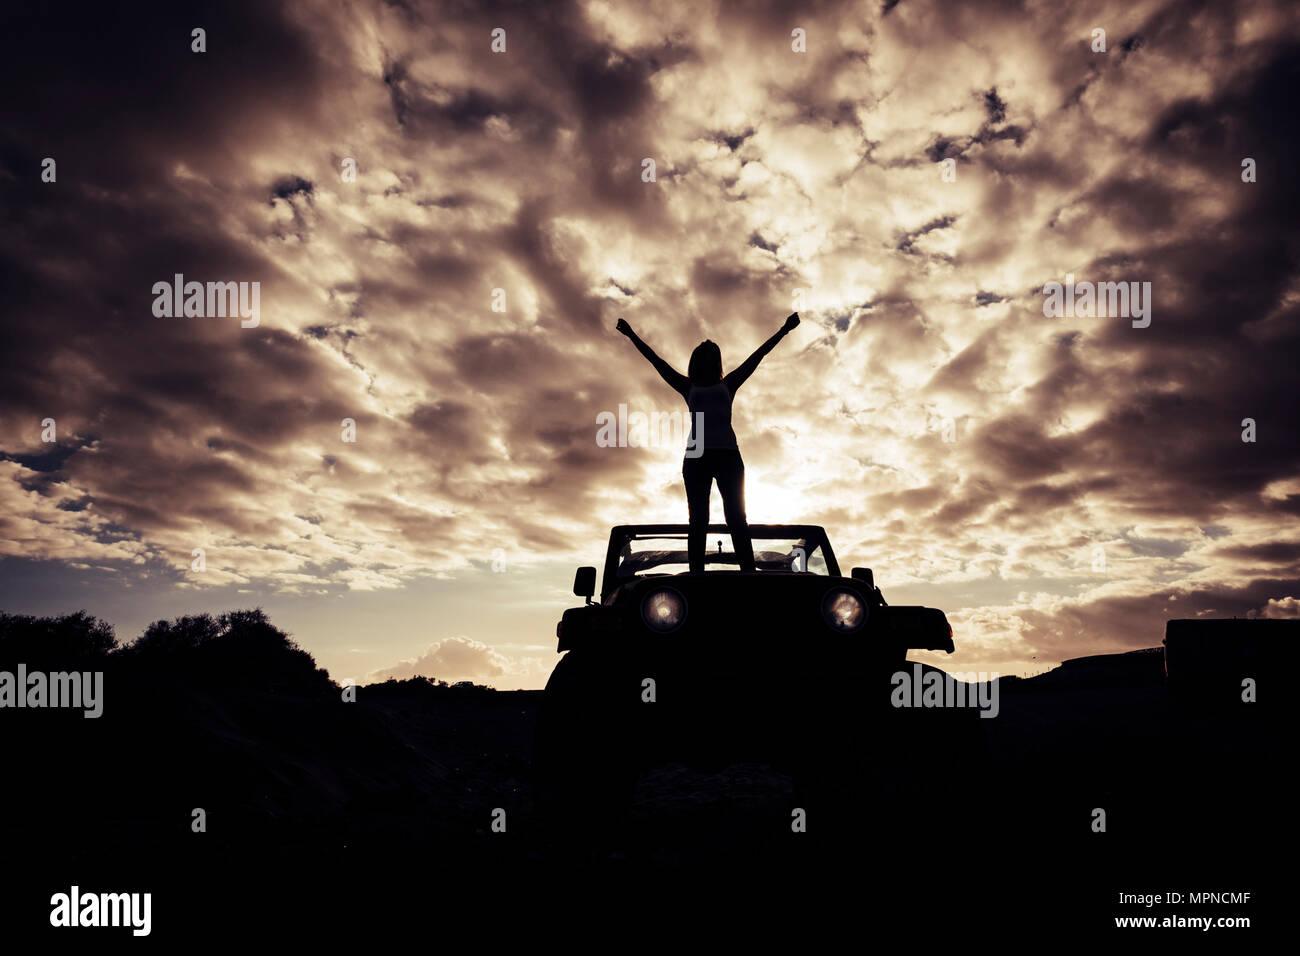 Grande panorama al tramonto e la libertà dello stile di vita alternativo concetto. wanderlust e di scoprire il mondo con la ragazza. Godersi la vita Immagini Stock